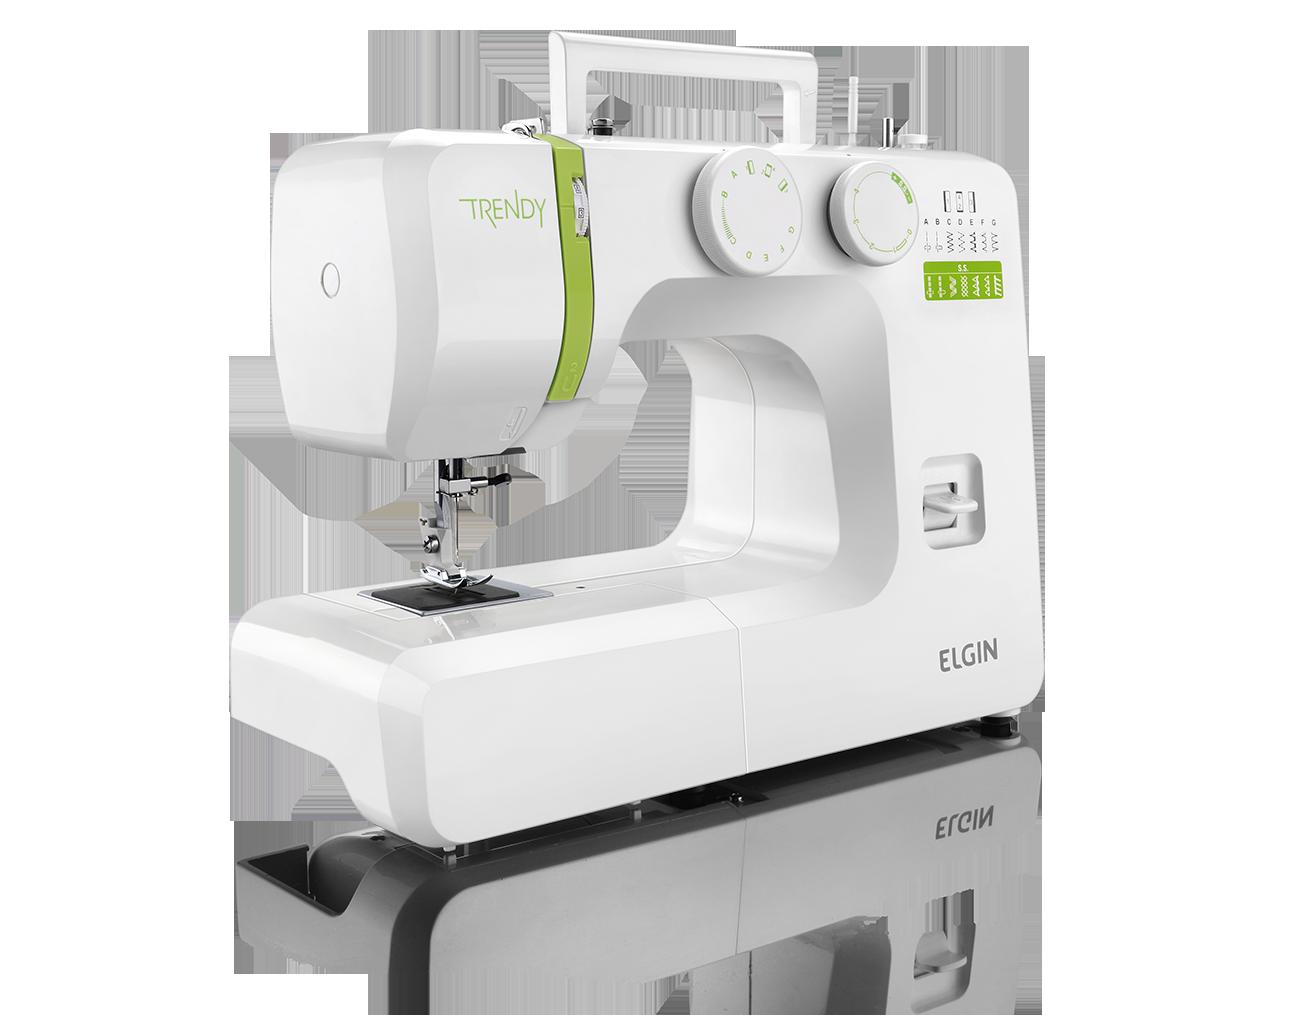 Detalhes:  Máquina de Costura Trendy JX 3013 - Elgin